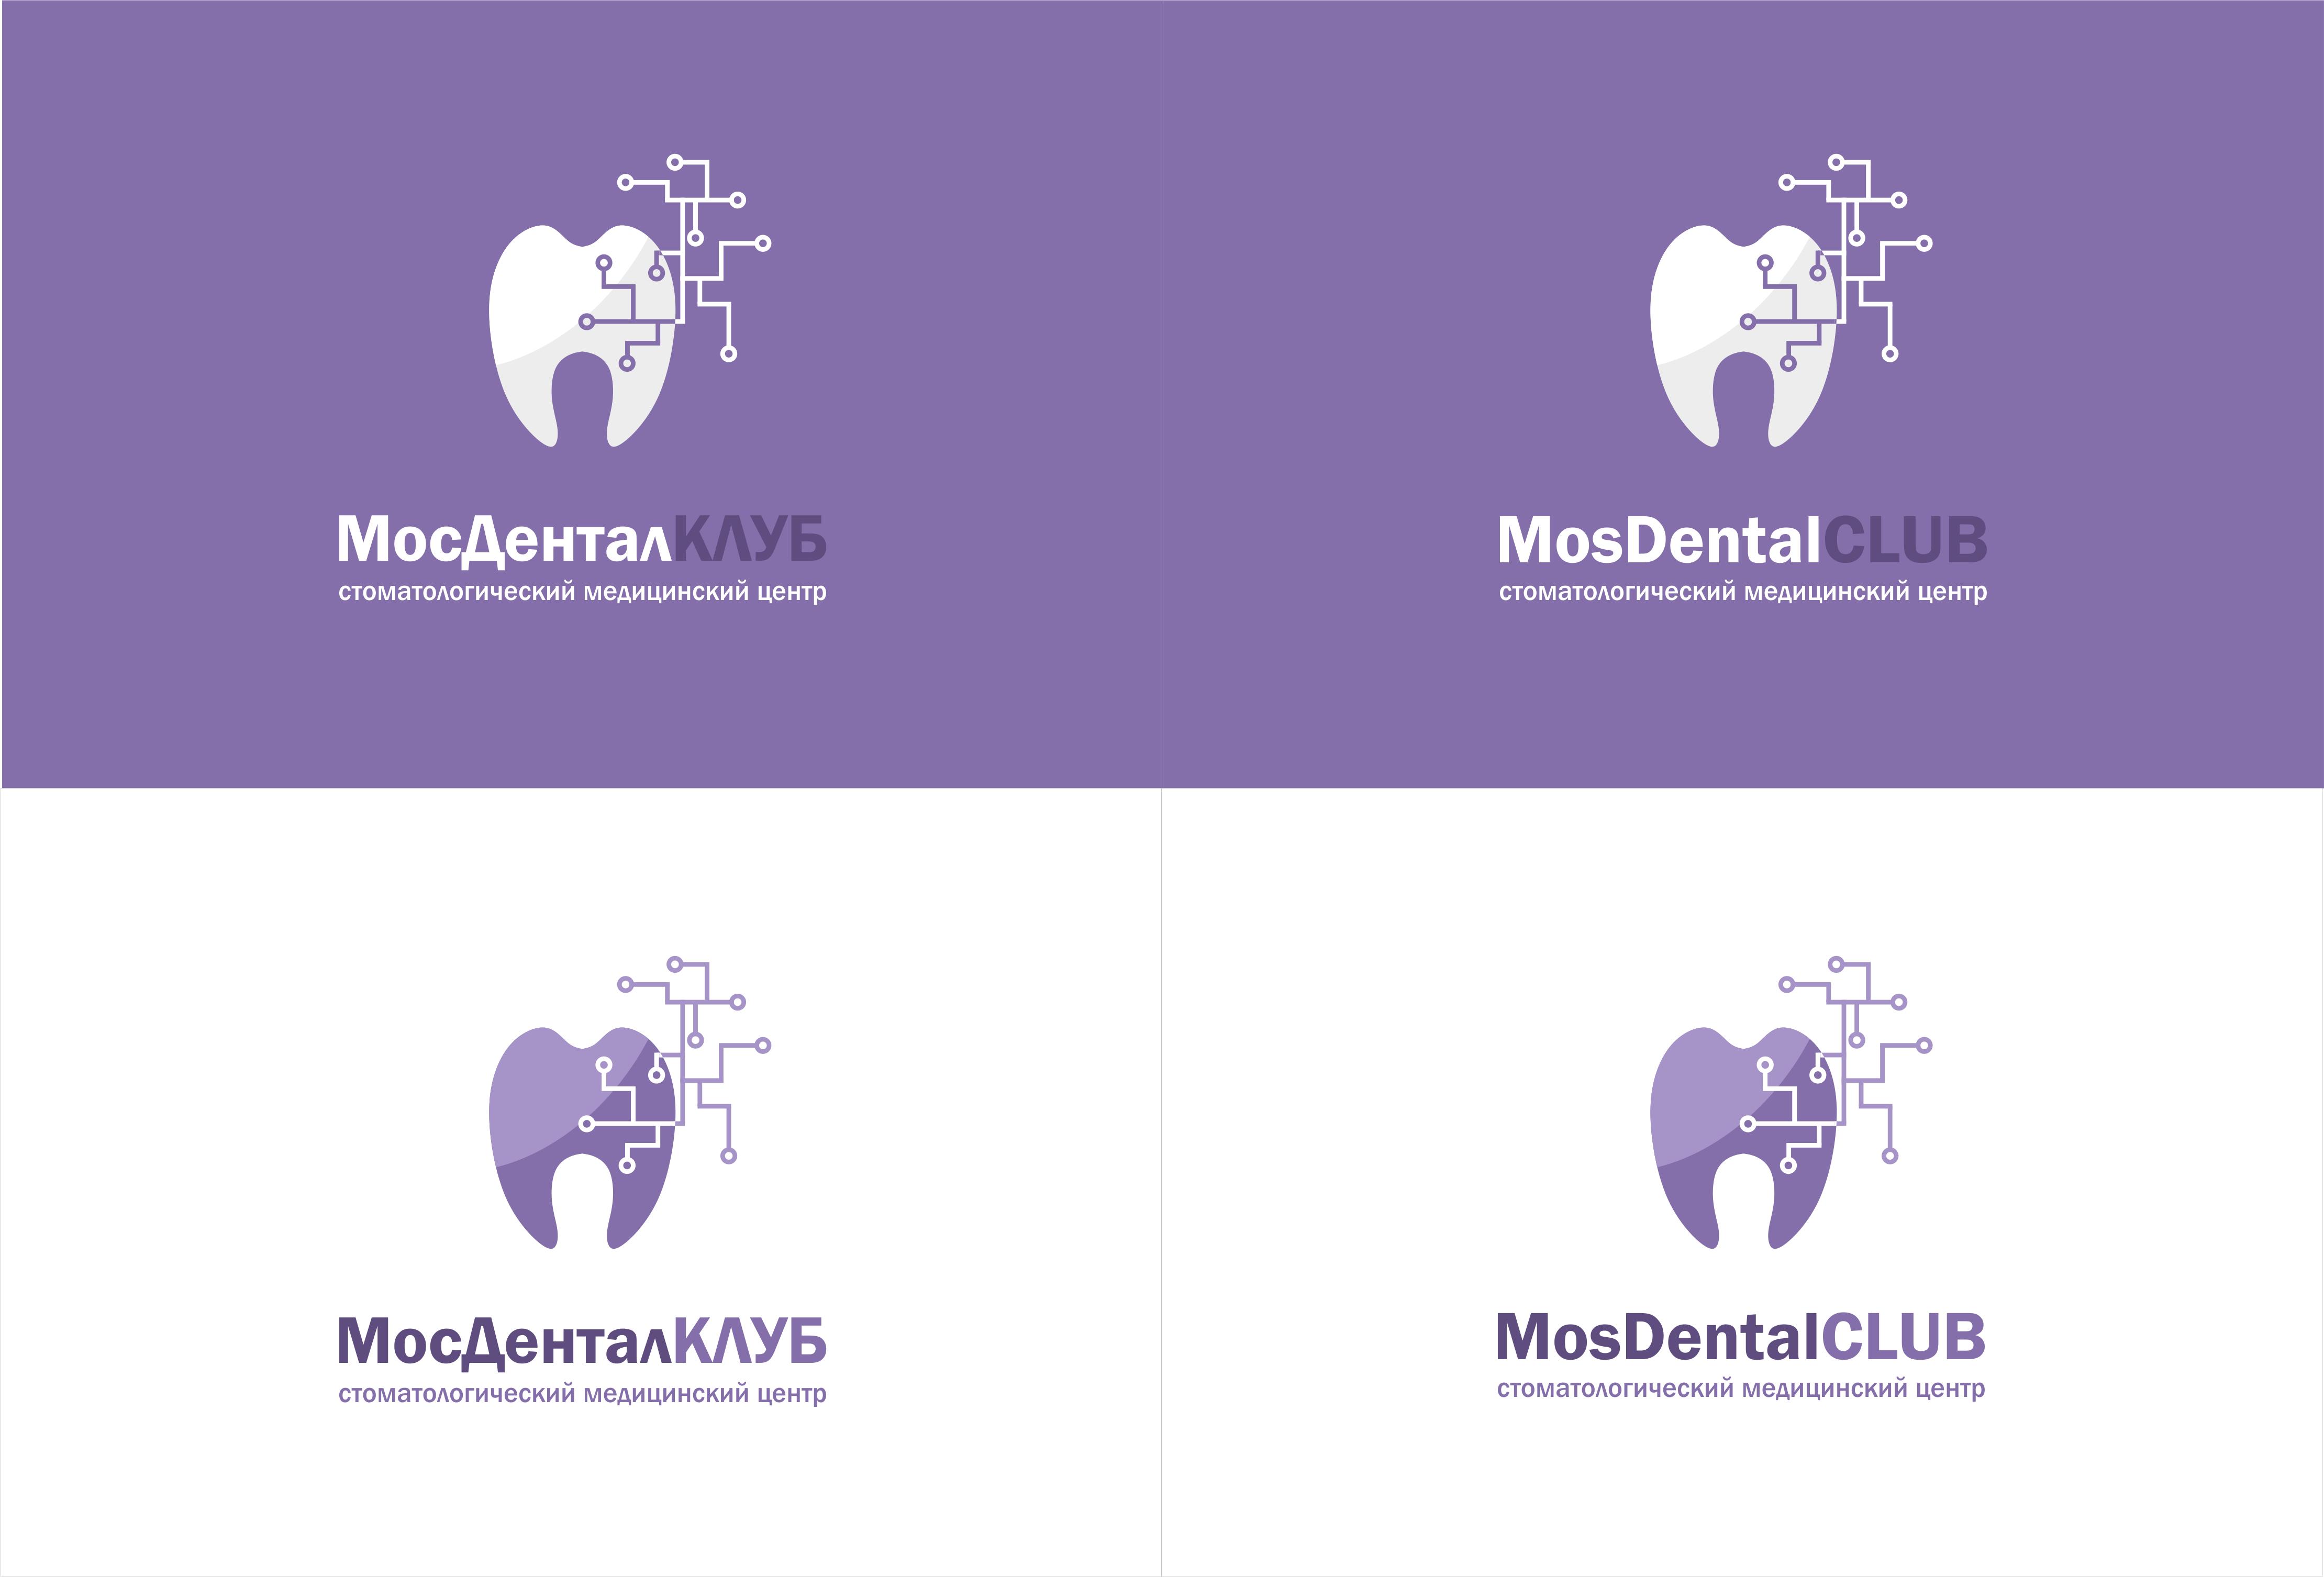 Разработка логотипа стоматологического медицинского центра фото f_2725e4a57a33c8b6.png